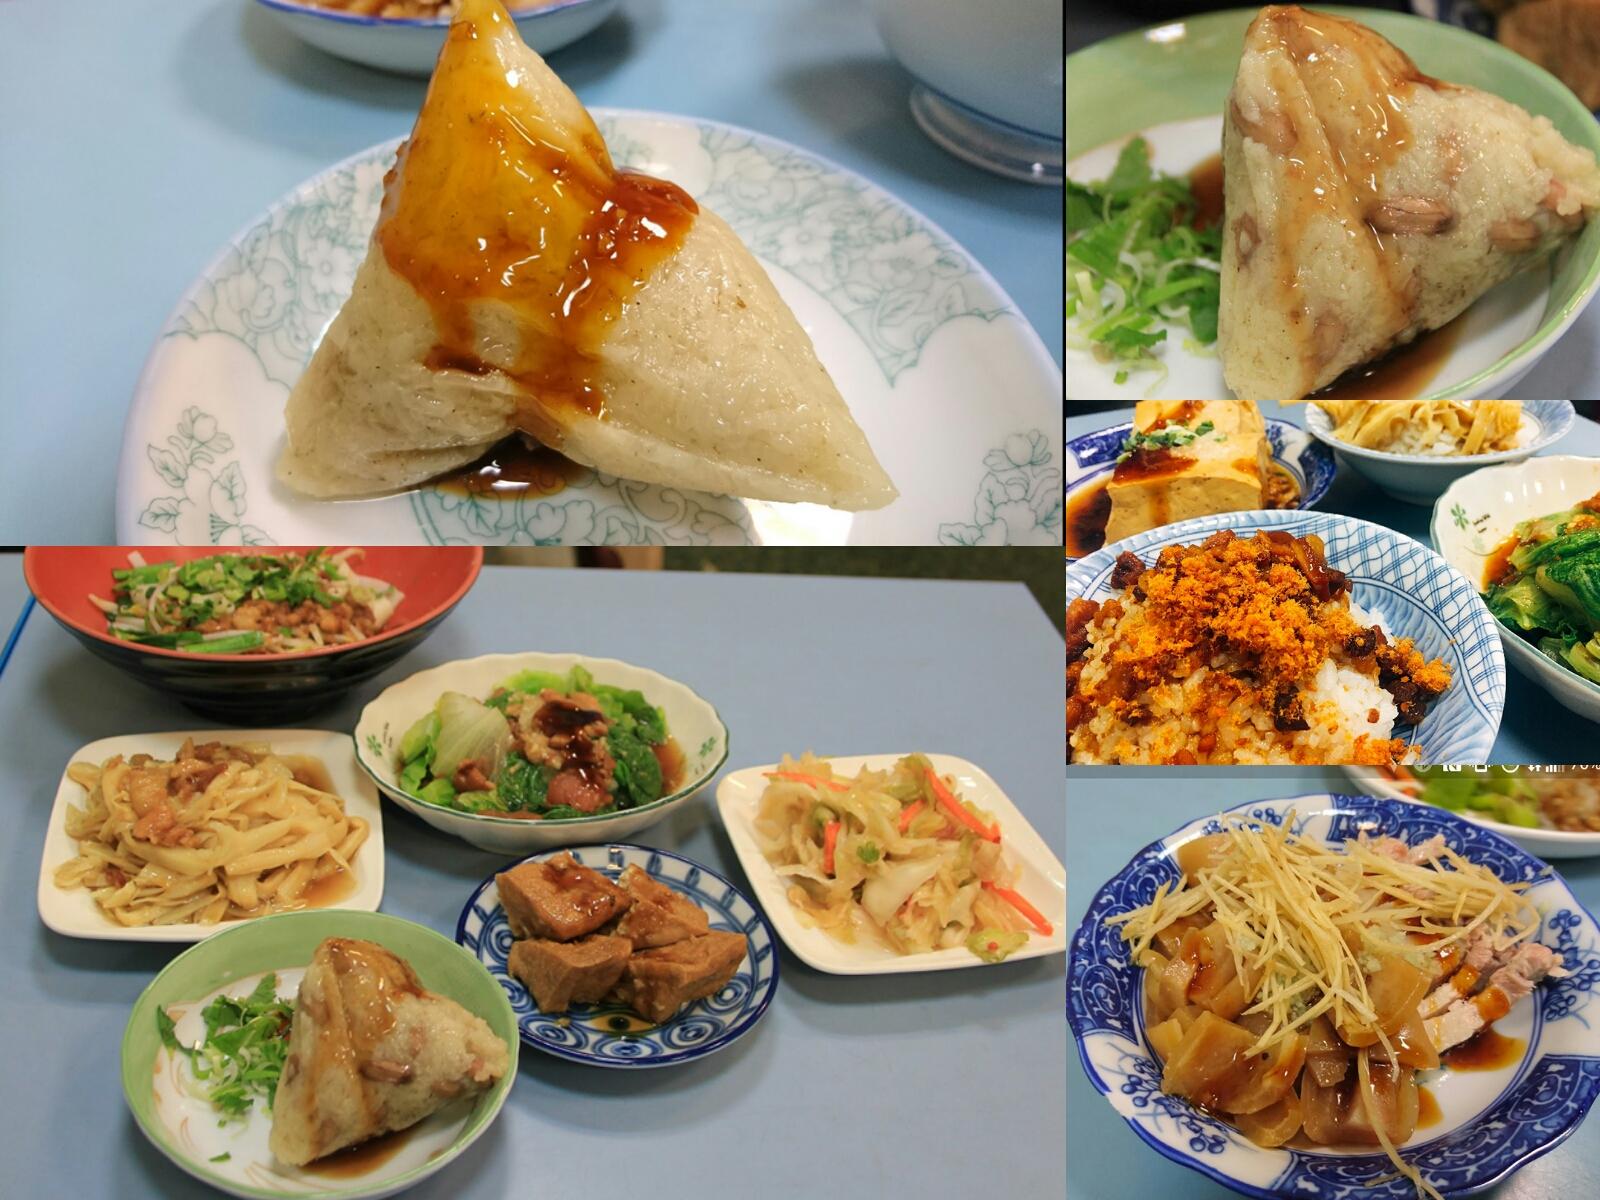 端午粽子節之《雲林人氣前7家肉粽整理》到底雲林哪裏有好吃又推薦的粽子呢?